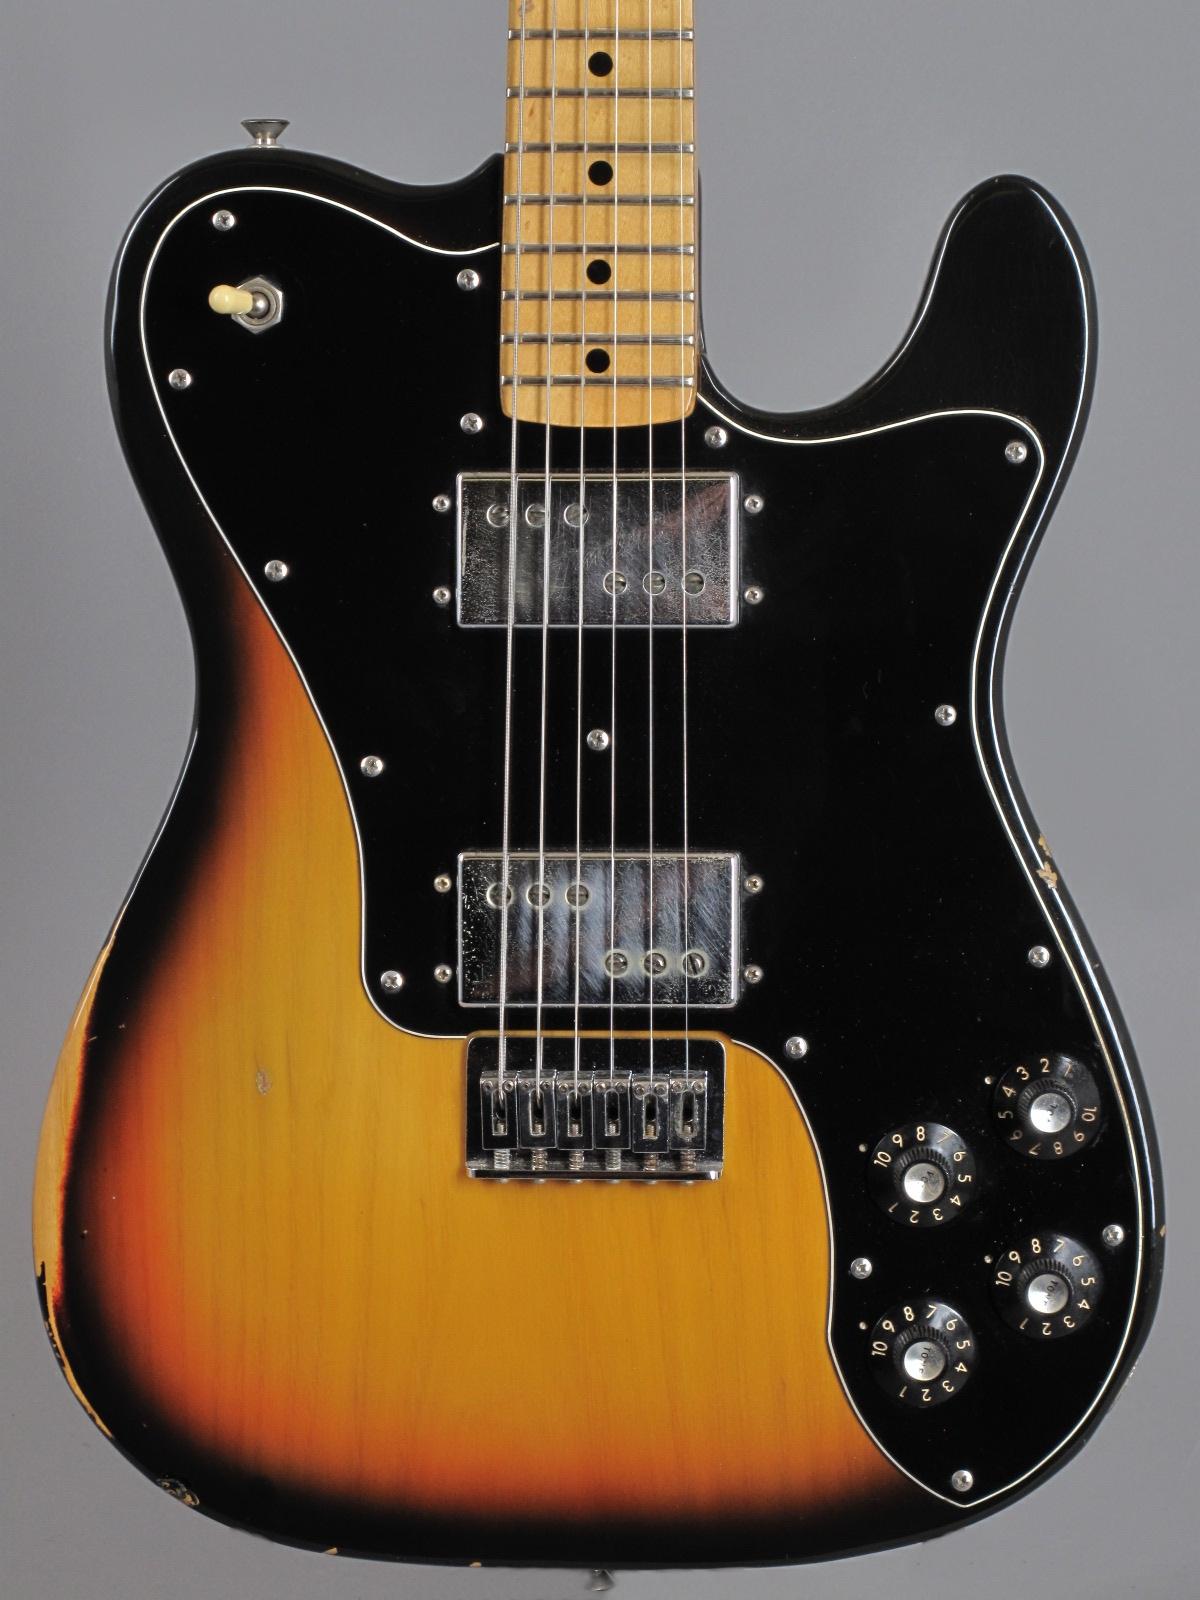 1977 Fender Telecaster Deluxe - 3-tone Sunburst